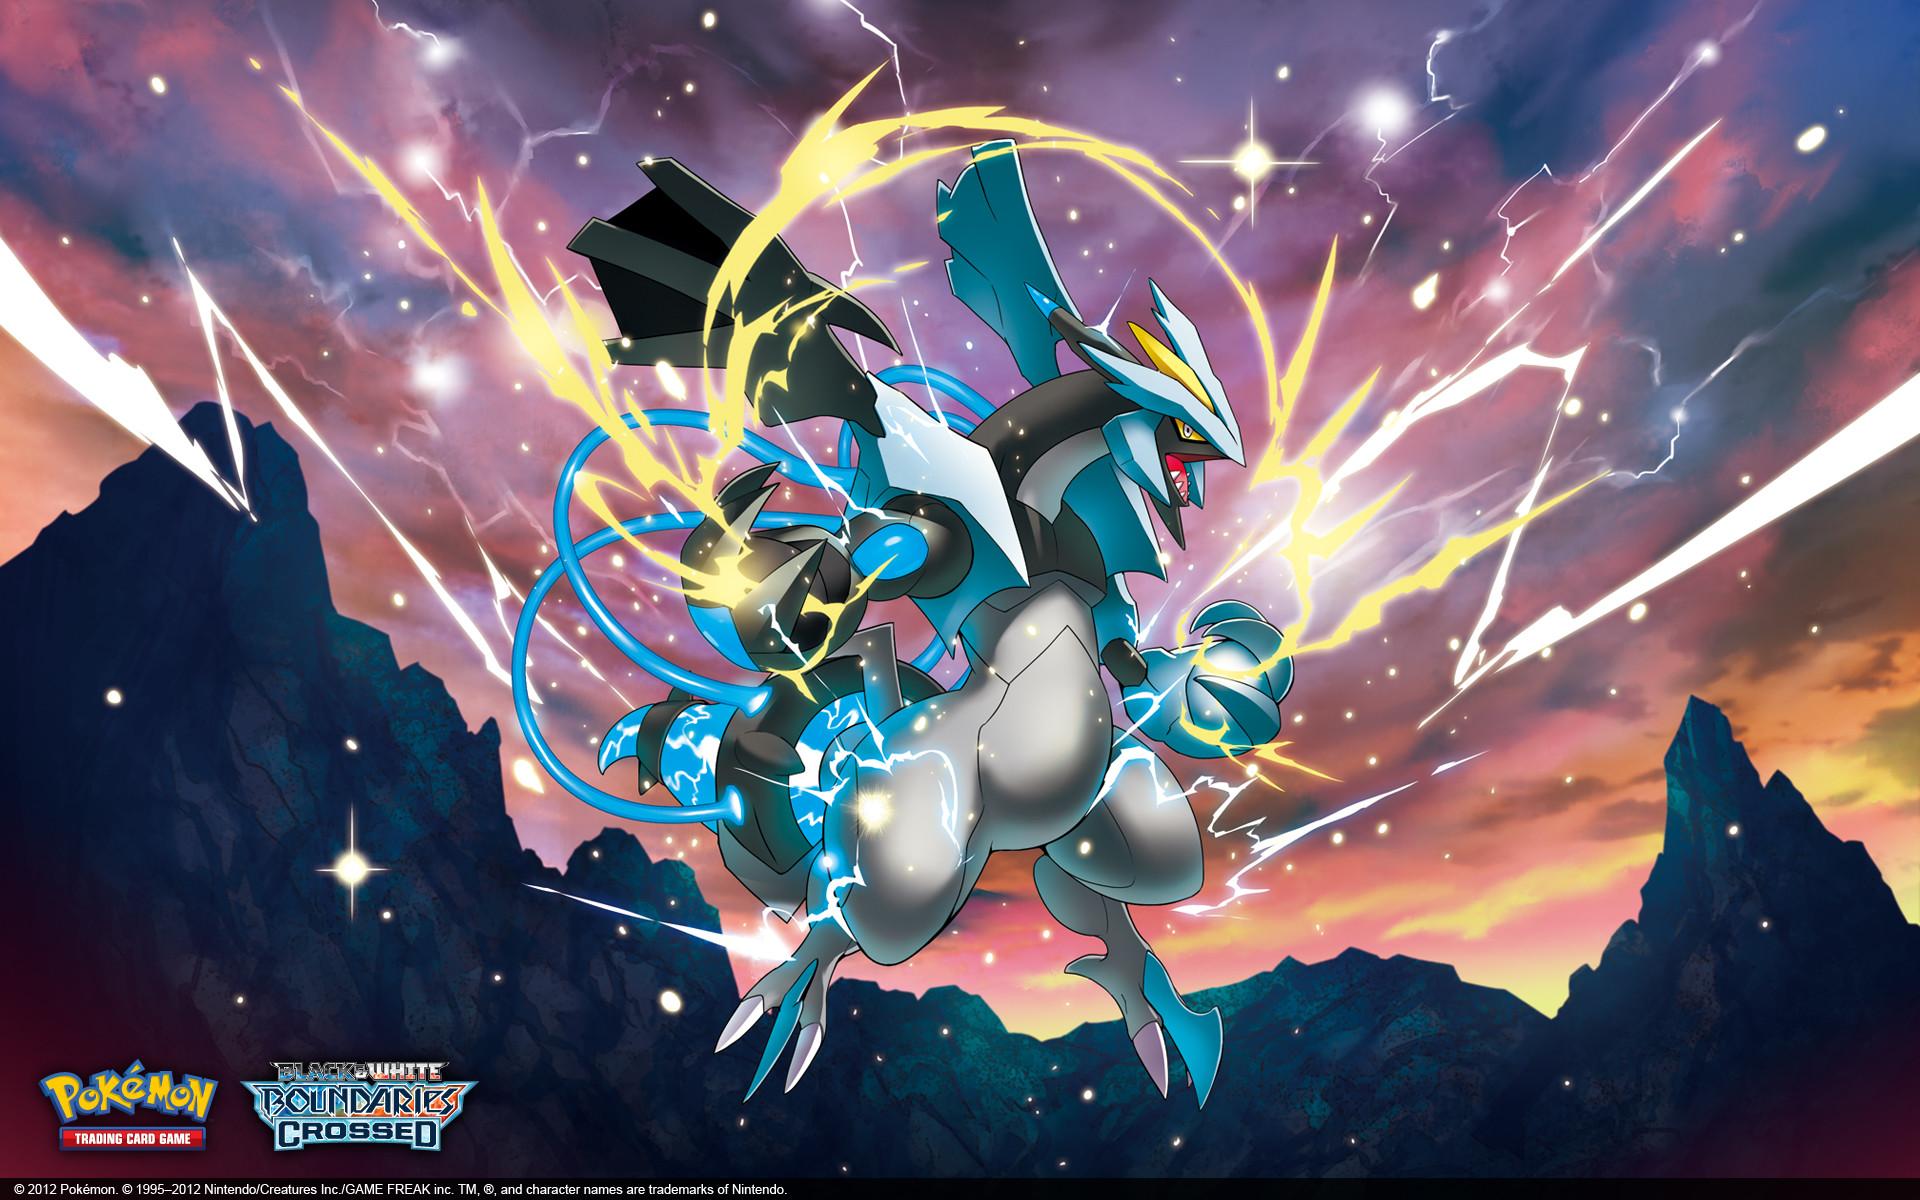 Download Pokemon Black And White Photo Free.